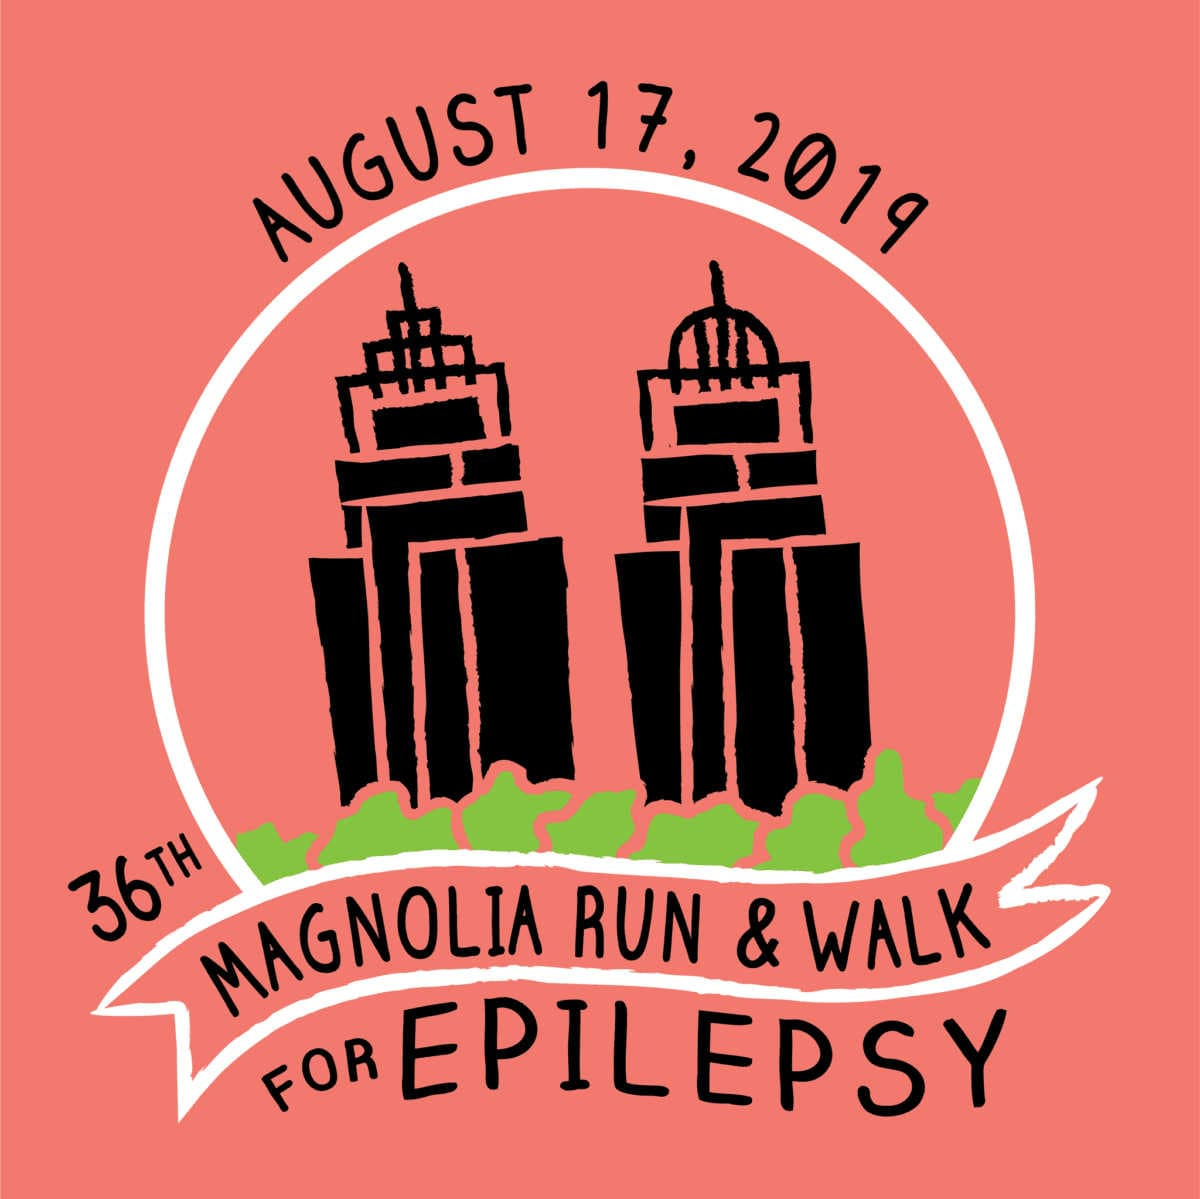 2019 magnolia run and walk event